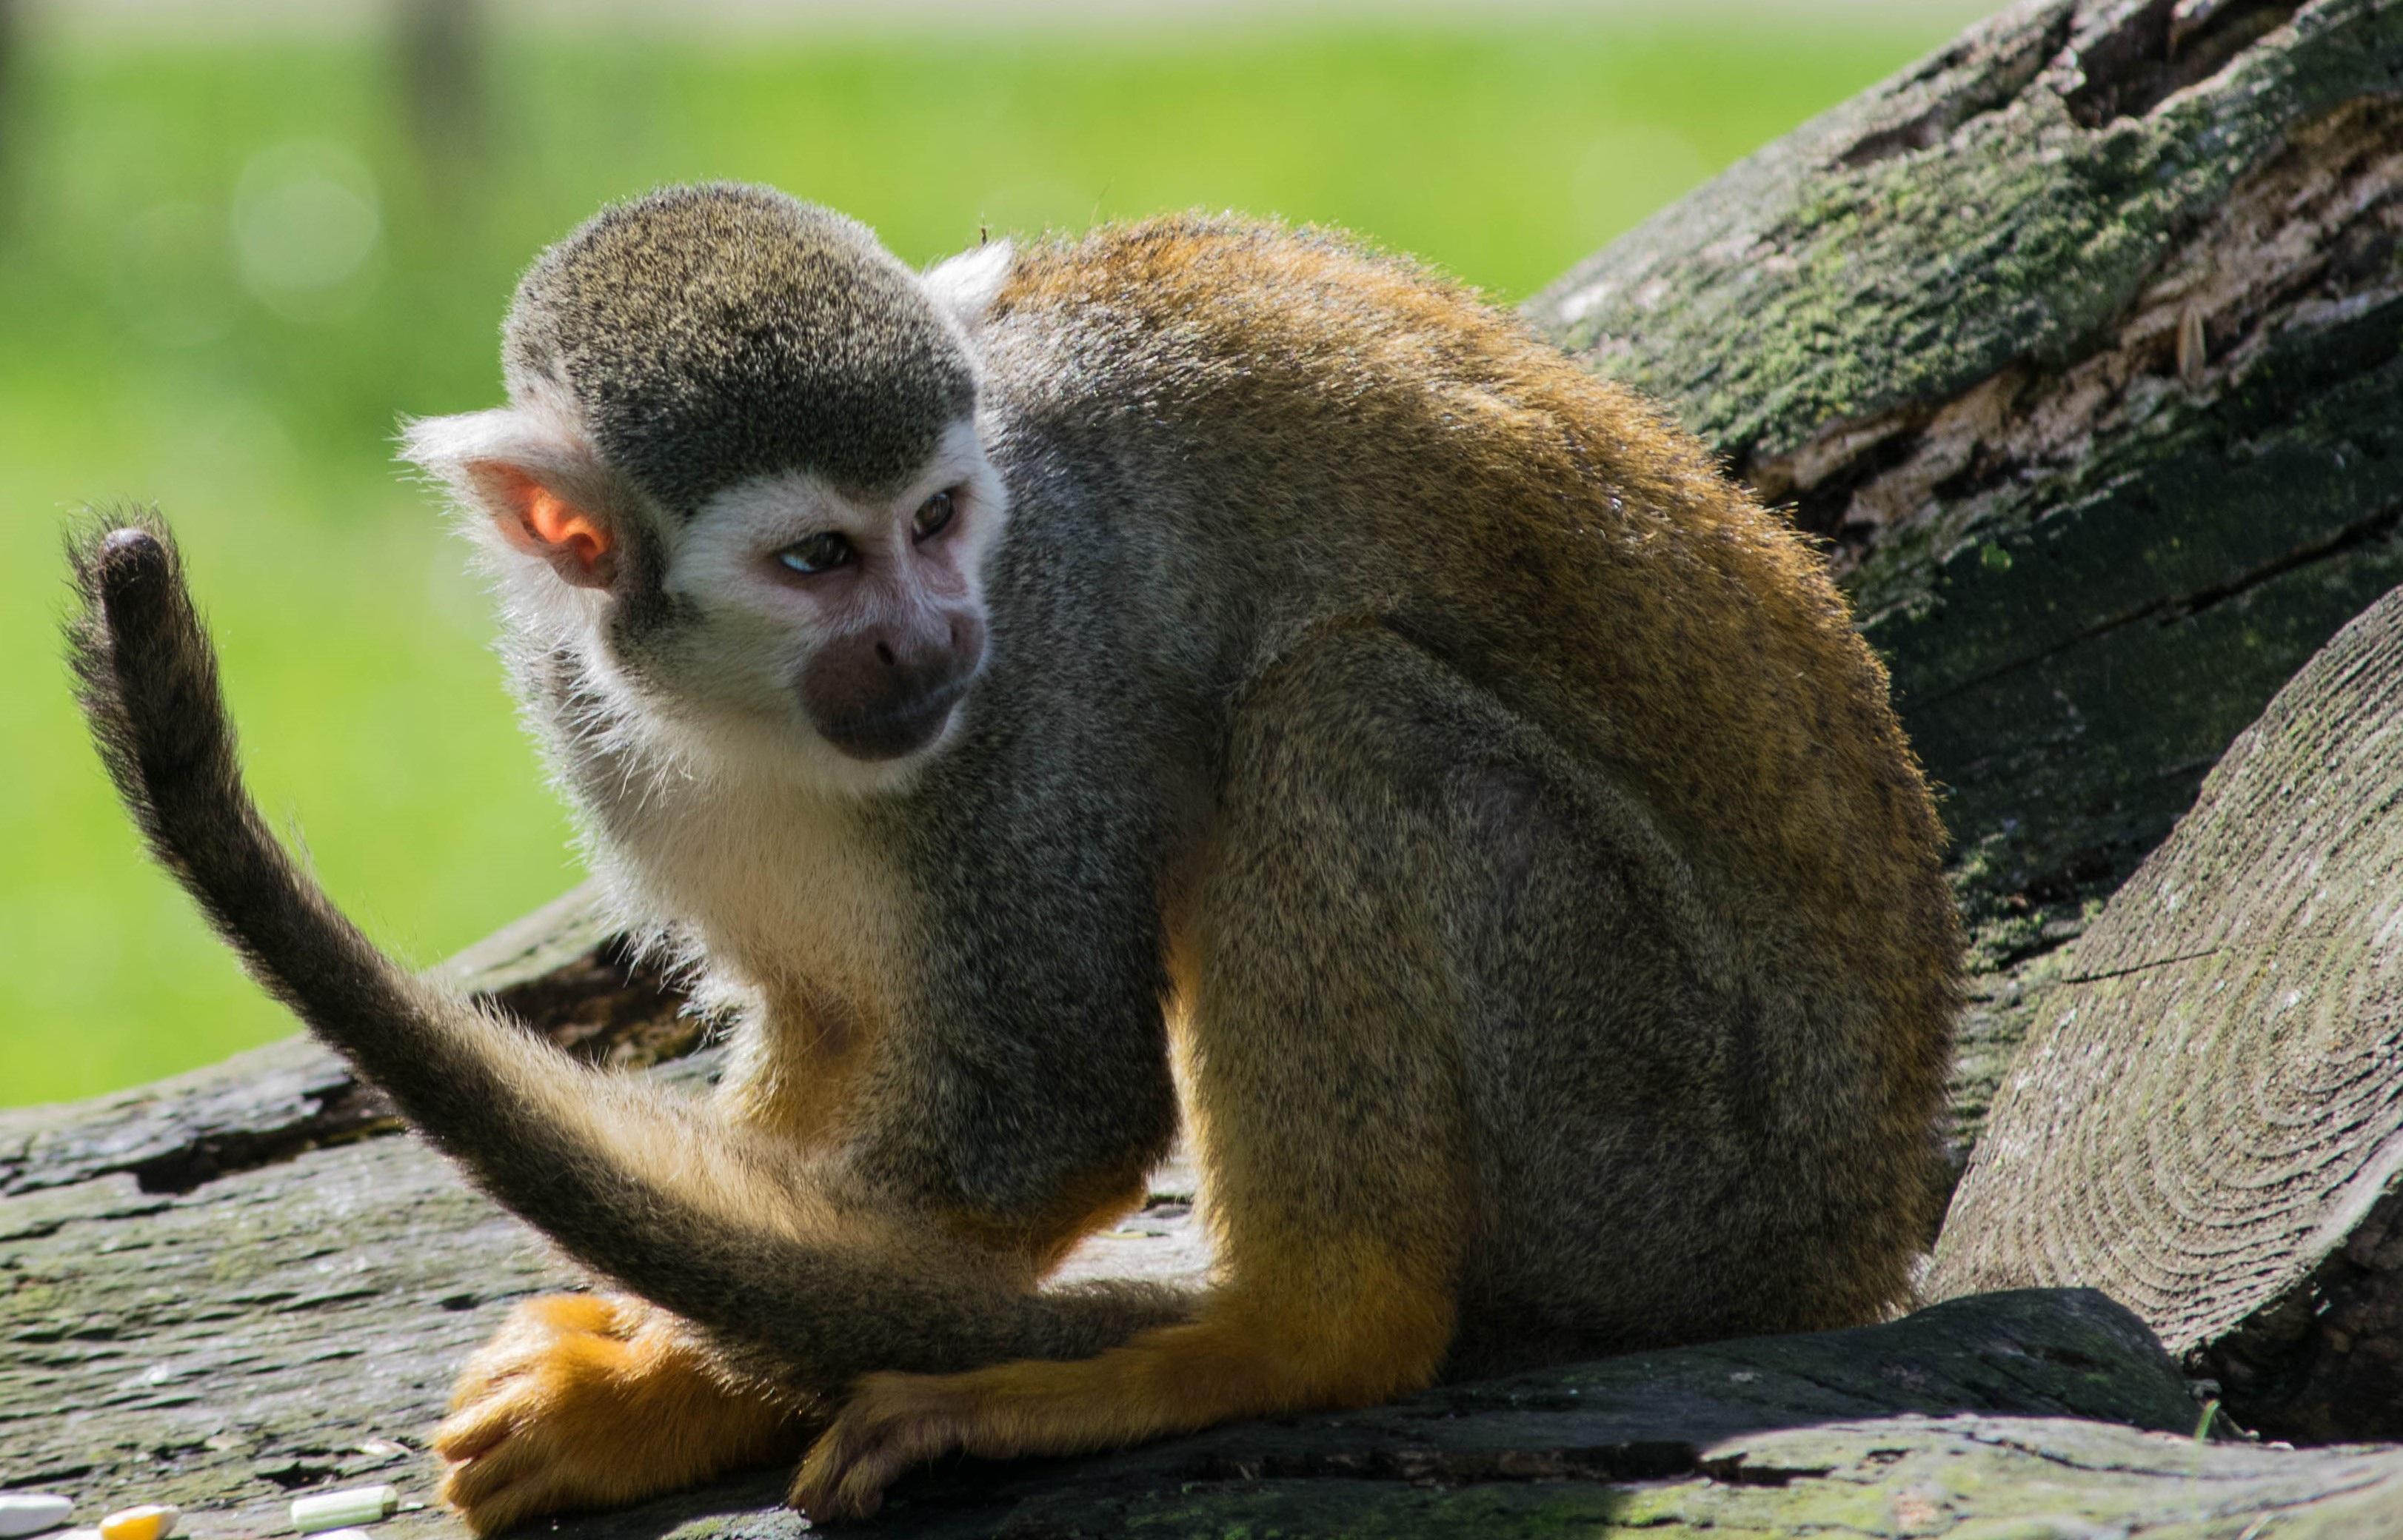 Gratis billeder : dyreliv, Zoo, pattedyr, fauna, primat, egern abe, hvirveldyr, lemur, makak, gamle verden abe, spider monkey, nye verden abe 3245x2080